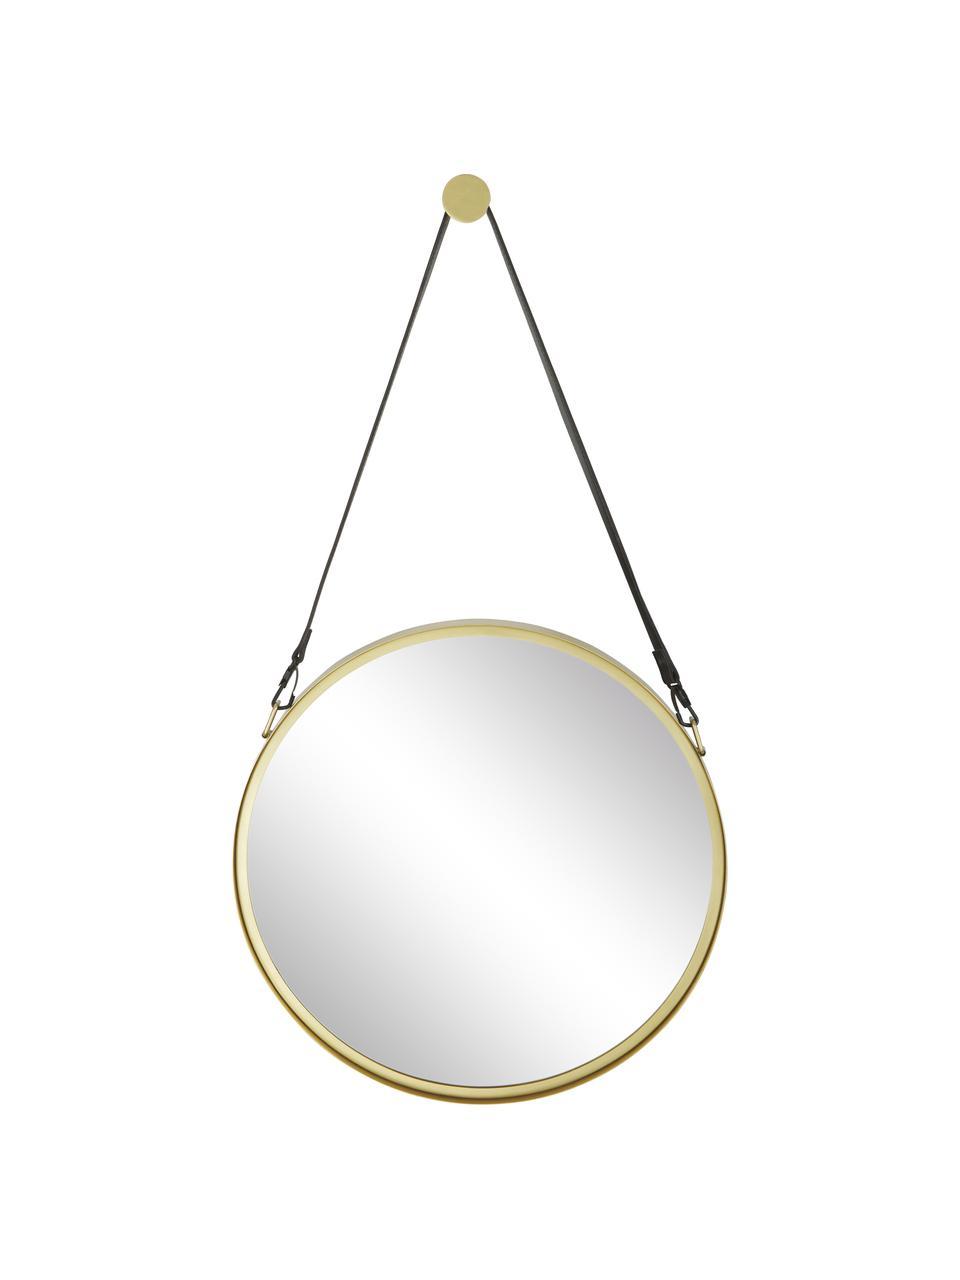 Specchio rotondo da parete con cinghia in pelle Liz, Superficie dello specchio: lastra di vetro, Retro: pannello di fibra a media, Oro, Ø 80 cm